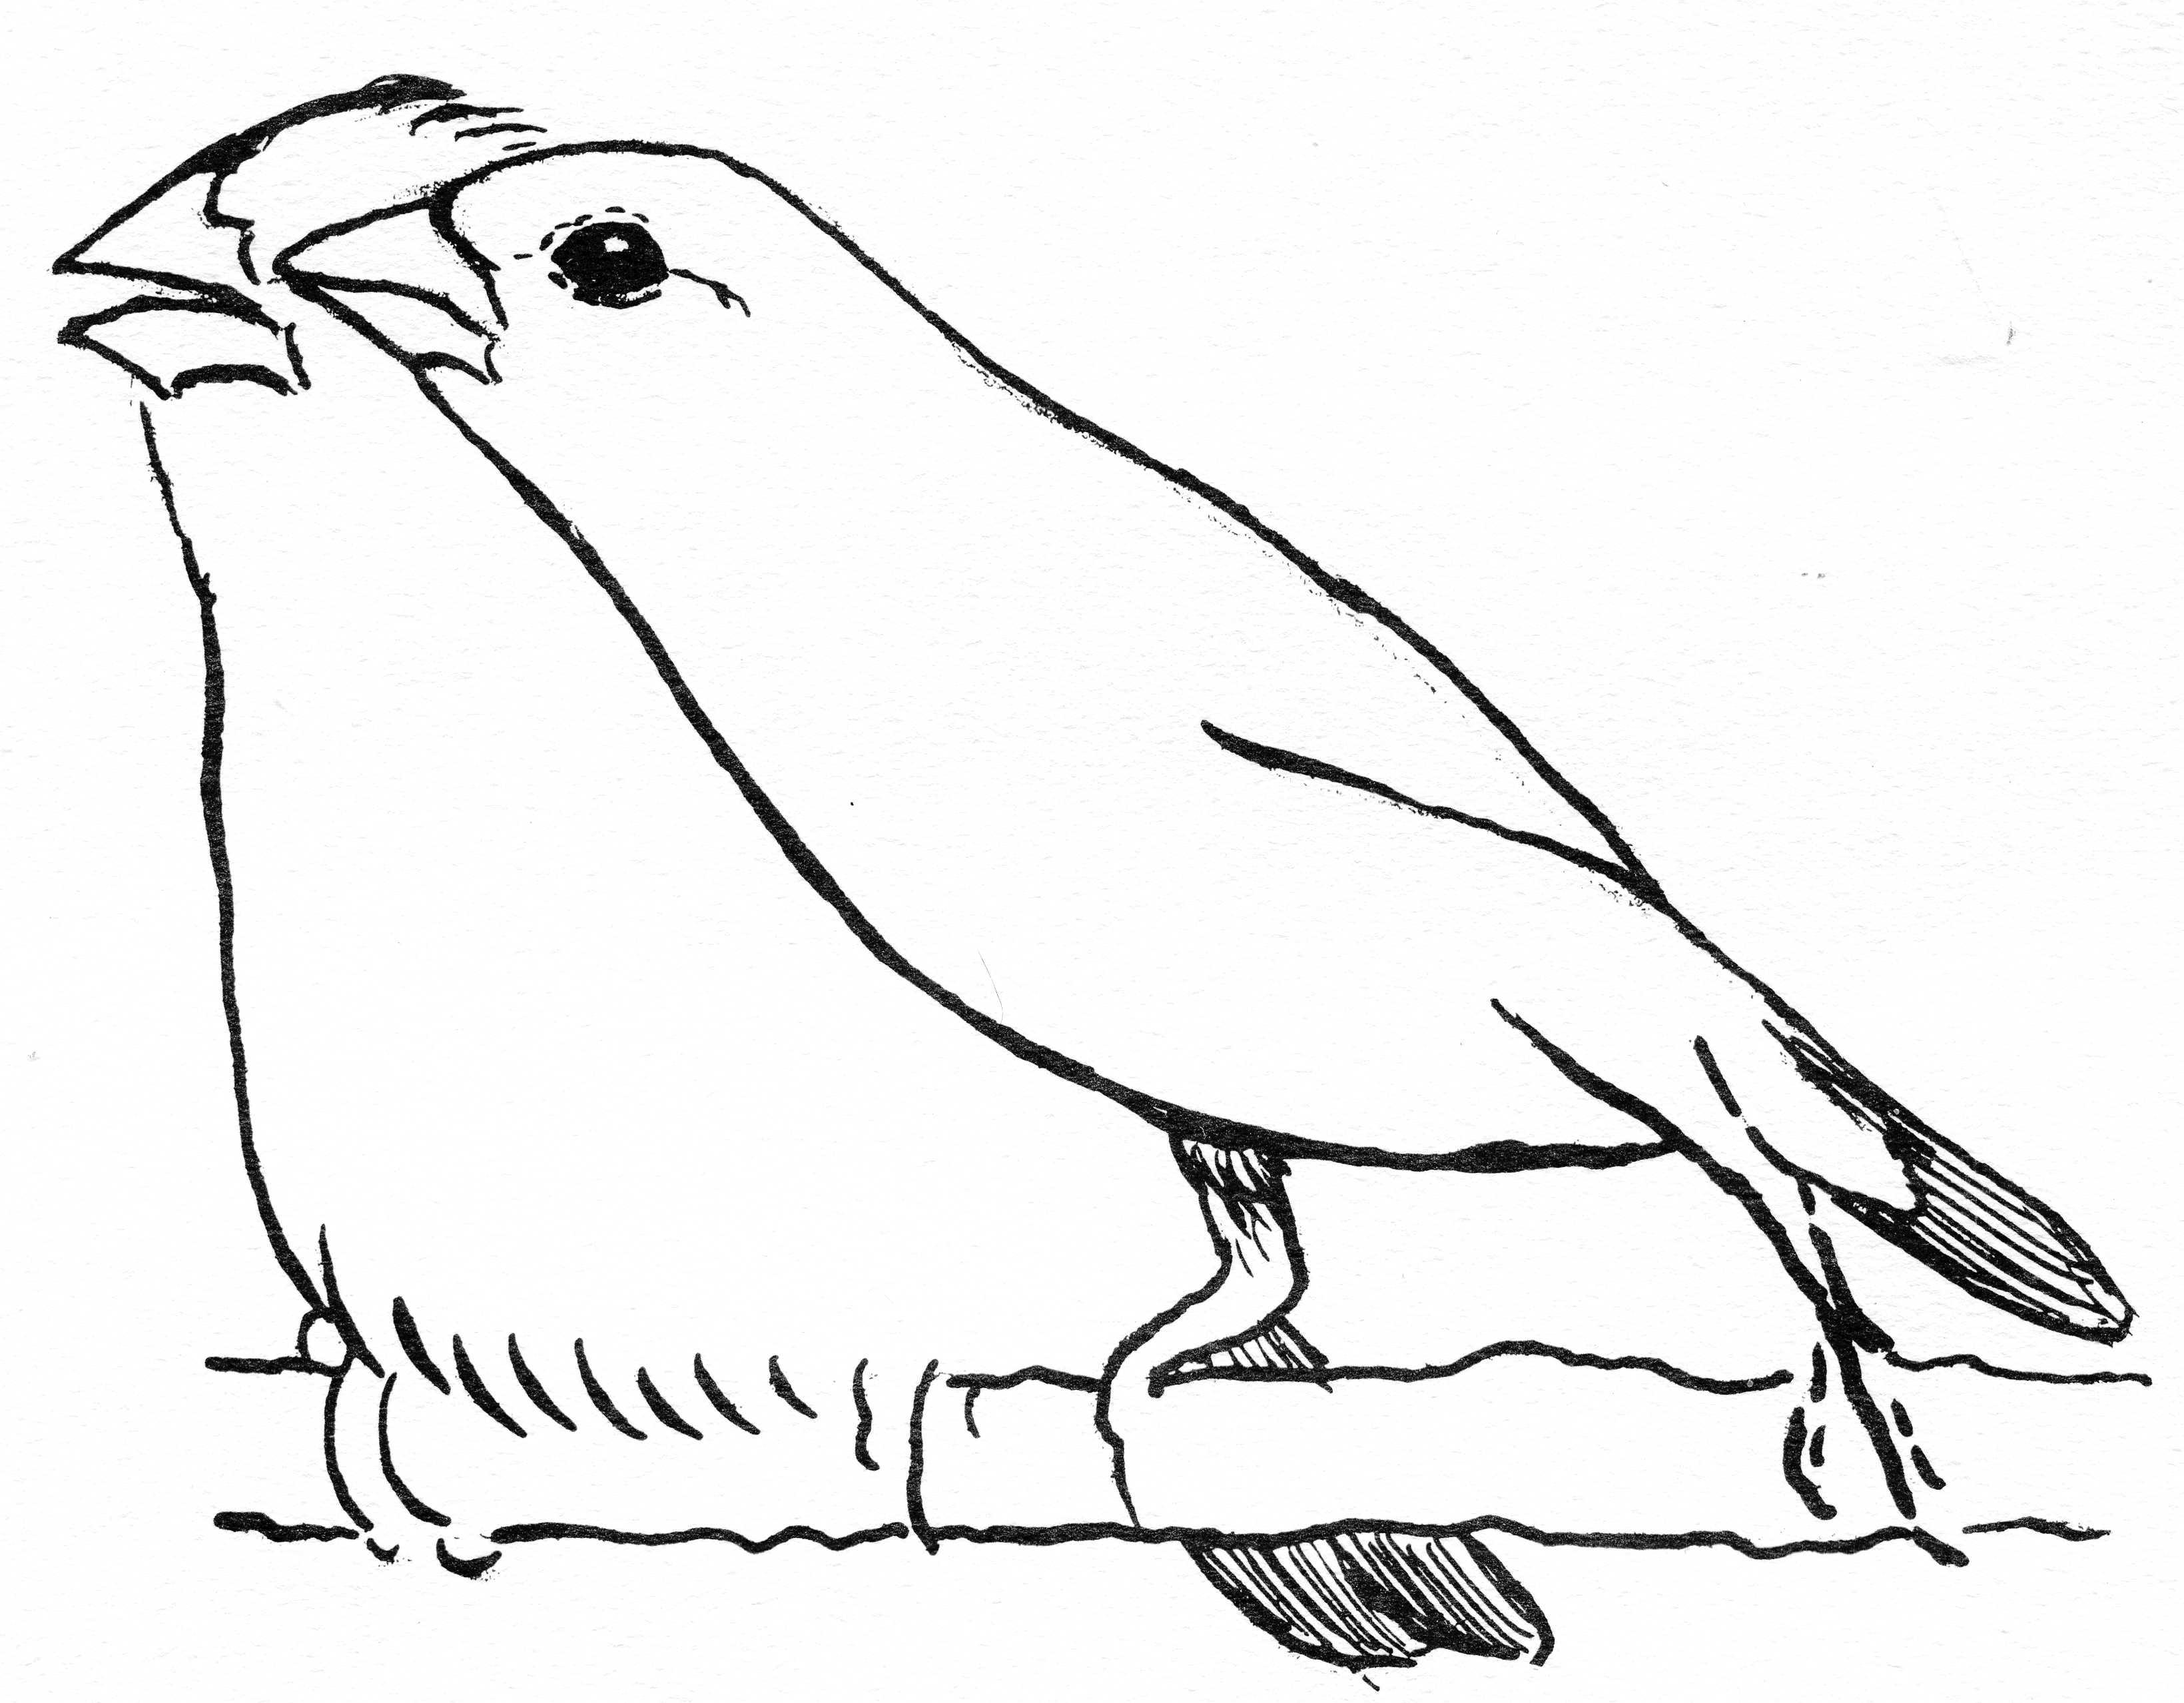 BEHAVIOR GENETICS STUDIES WITH BIRDS